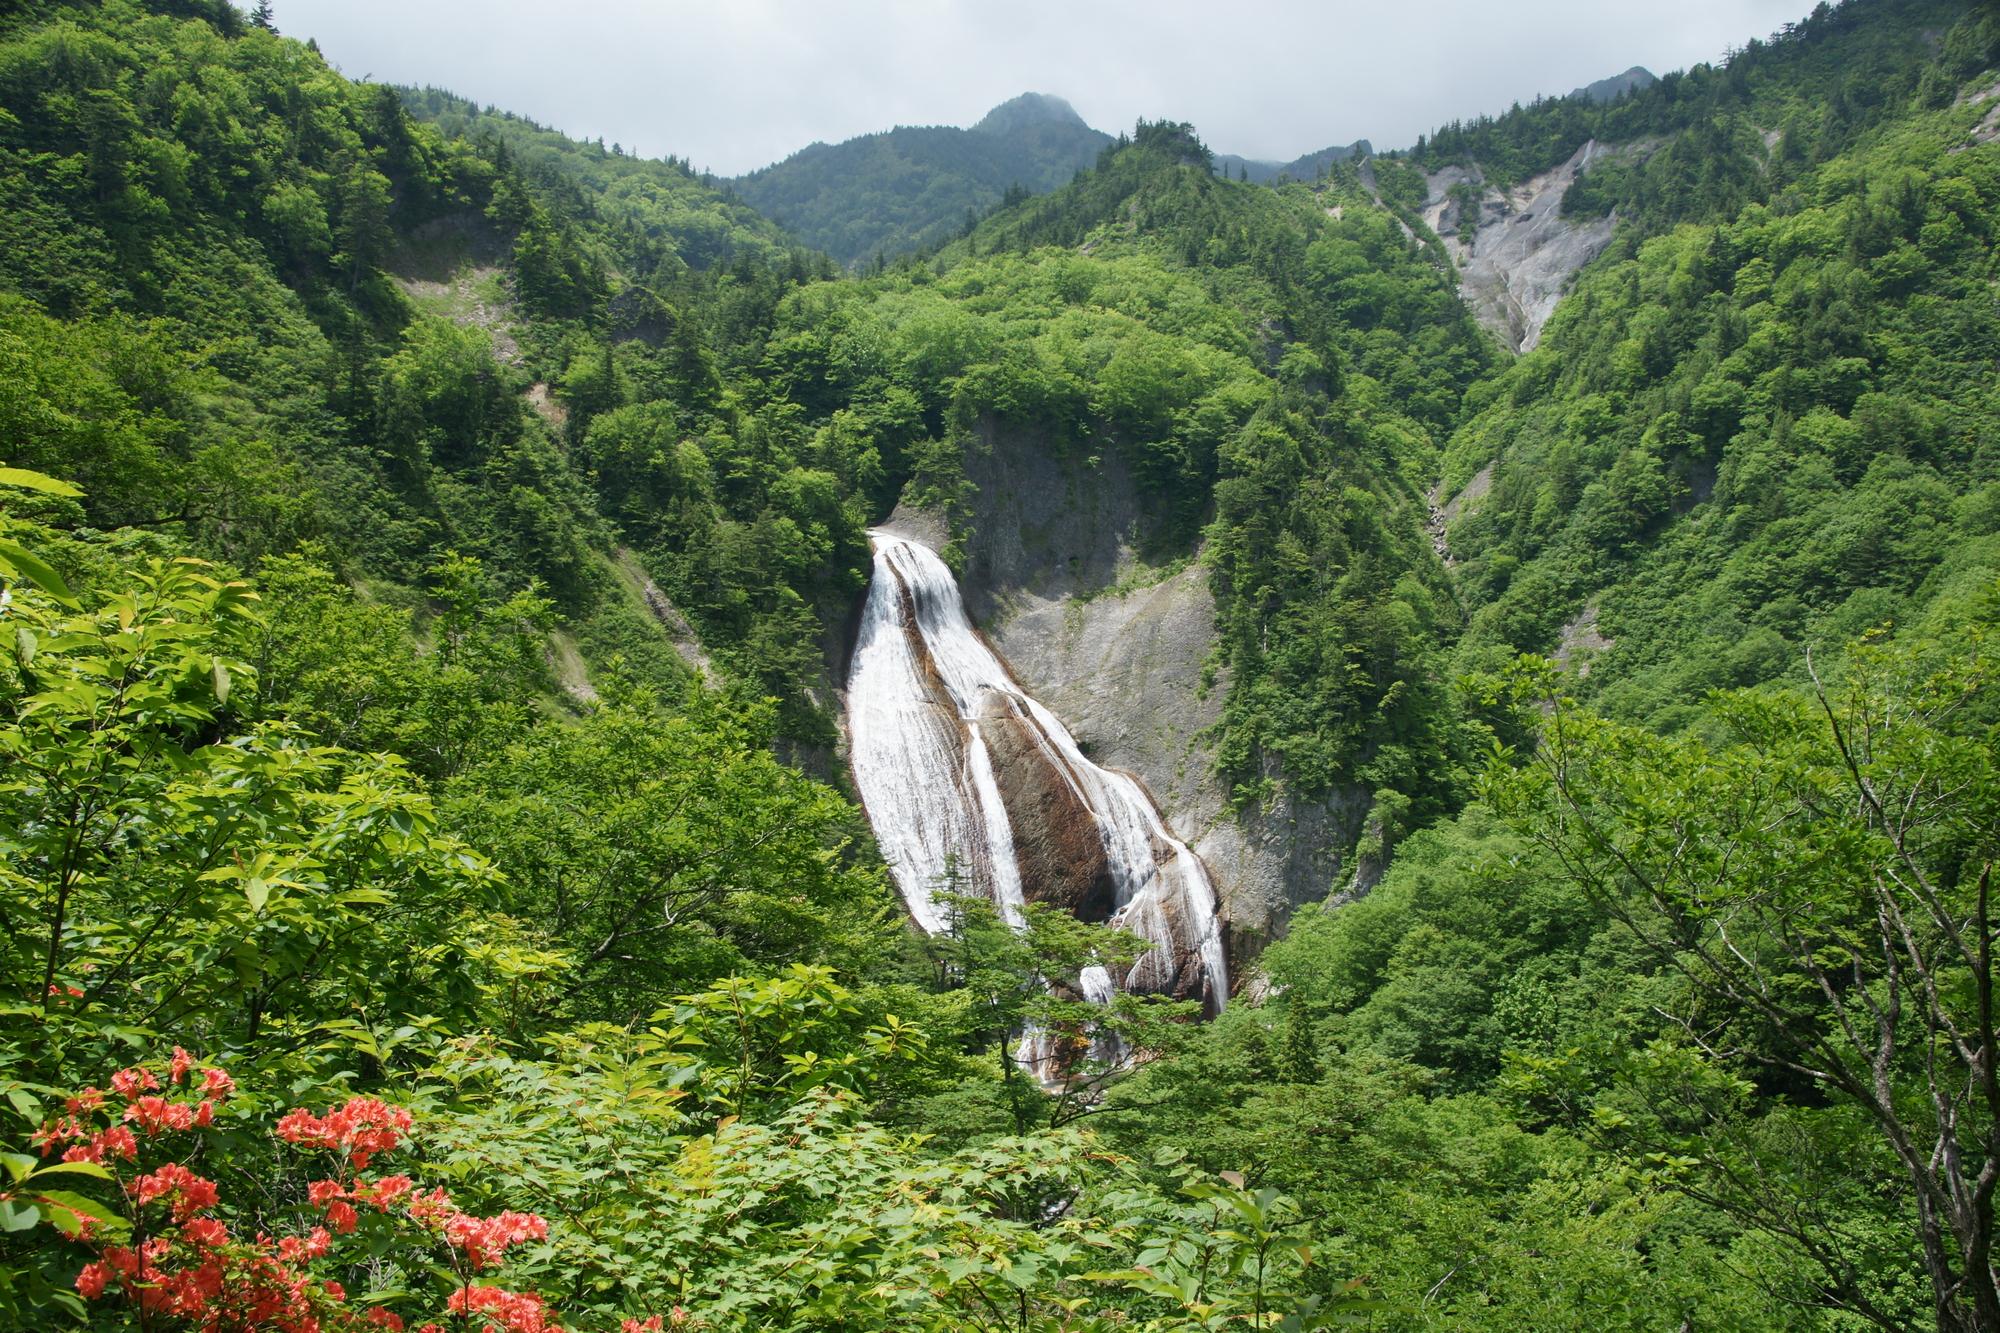 滑川大滝(なめがわおおたき)